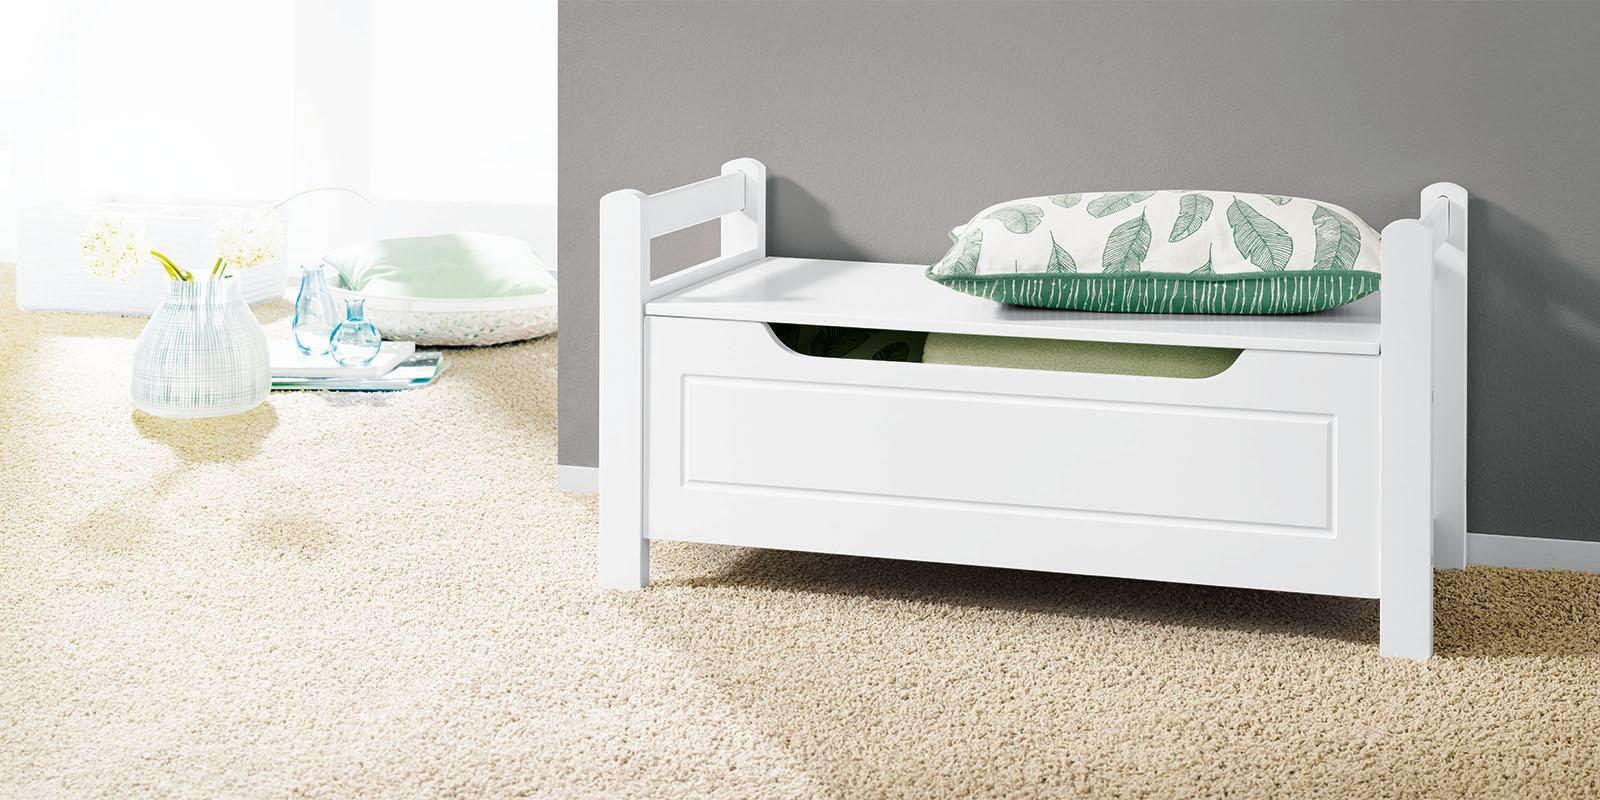 sitzbank mit klappdeckel wei 88x43x38 truhenbank holzbank truhe aufbewahrung ebay. Black Bedroom Furniture Sets. Home Design Ideas